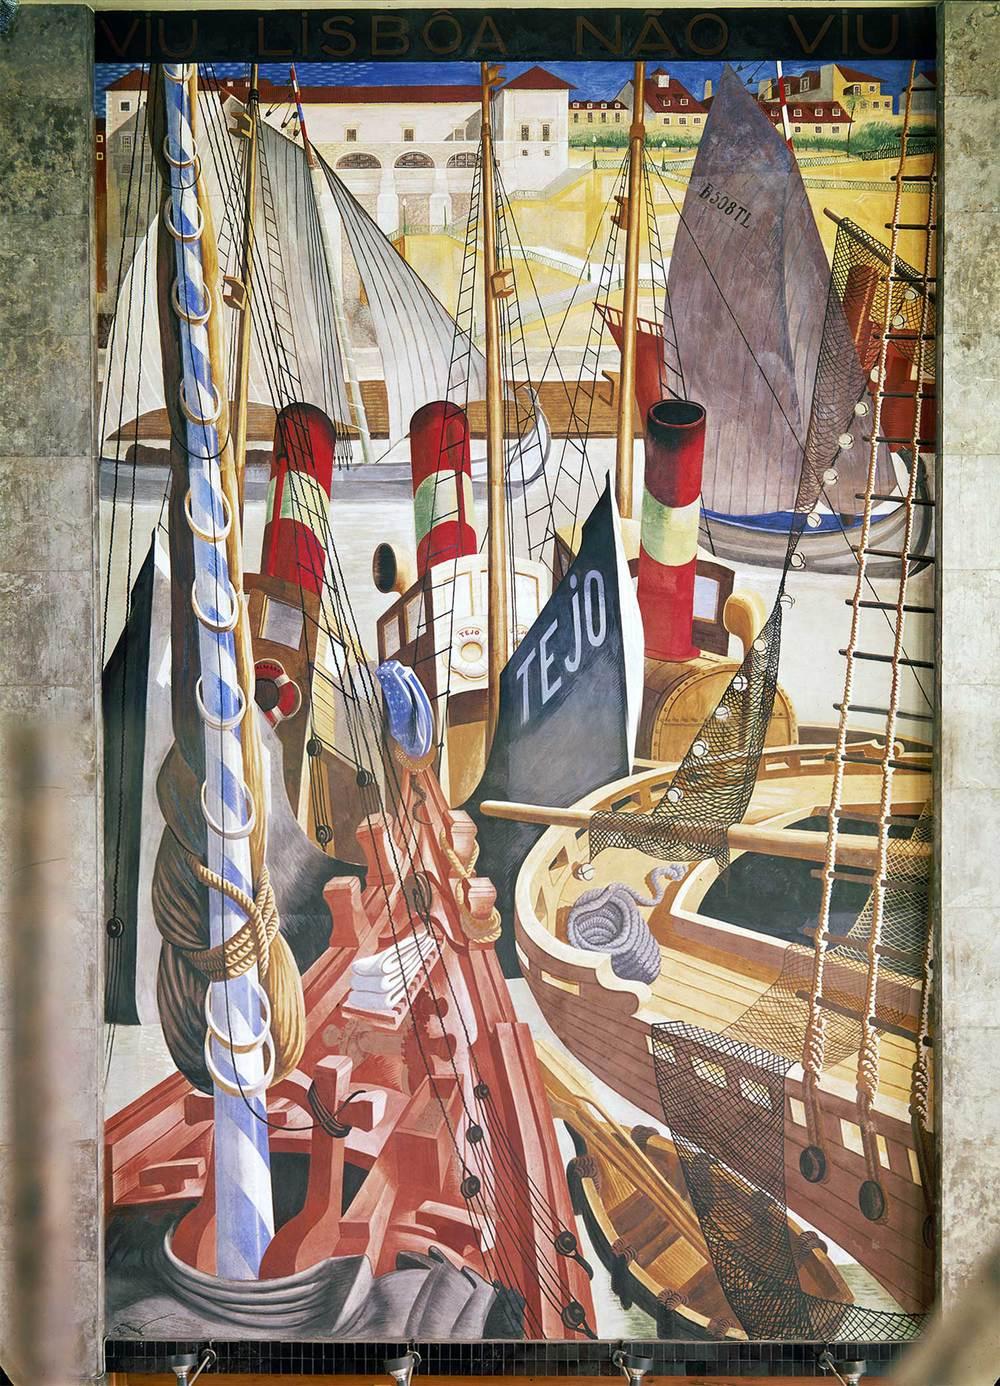 """""""Quem não viu Lisboa não viu coisa boa"""" (""""Who hasn't seen Lisbon has seen nothing good"""") Artist: José de Almada Negreiros  Photo: Mário Novais, ca. 1943-1945, Lisbon  [CFT003 082286]"""